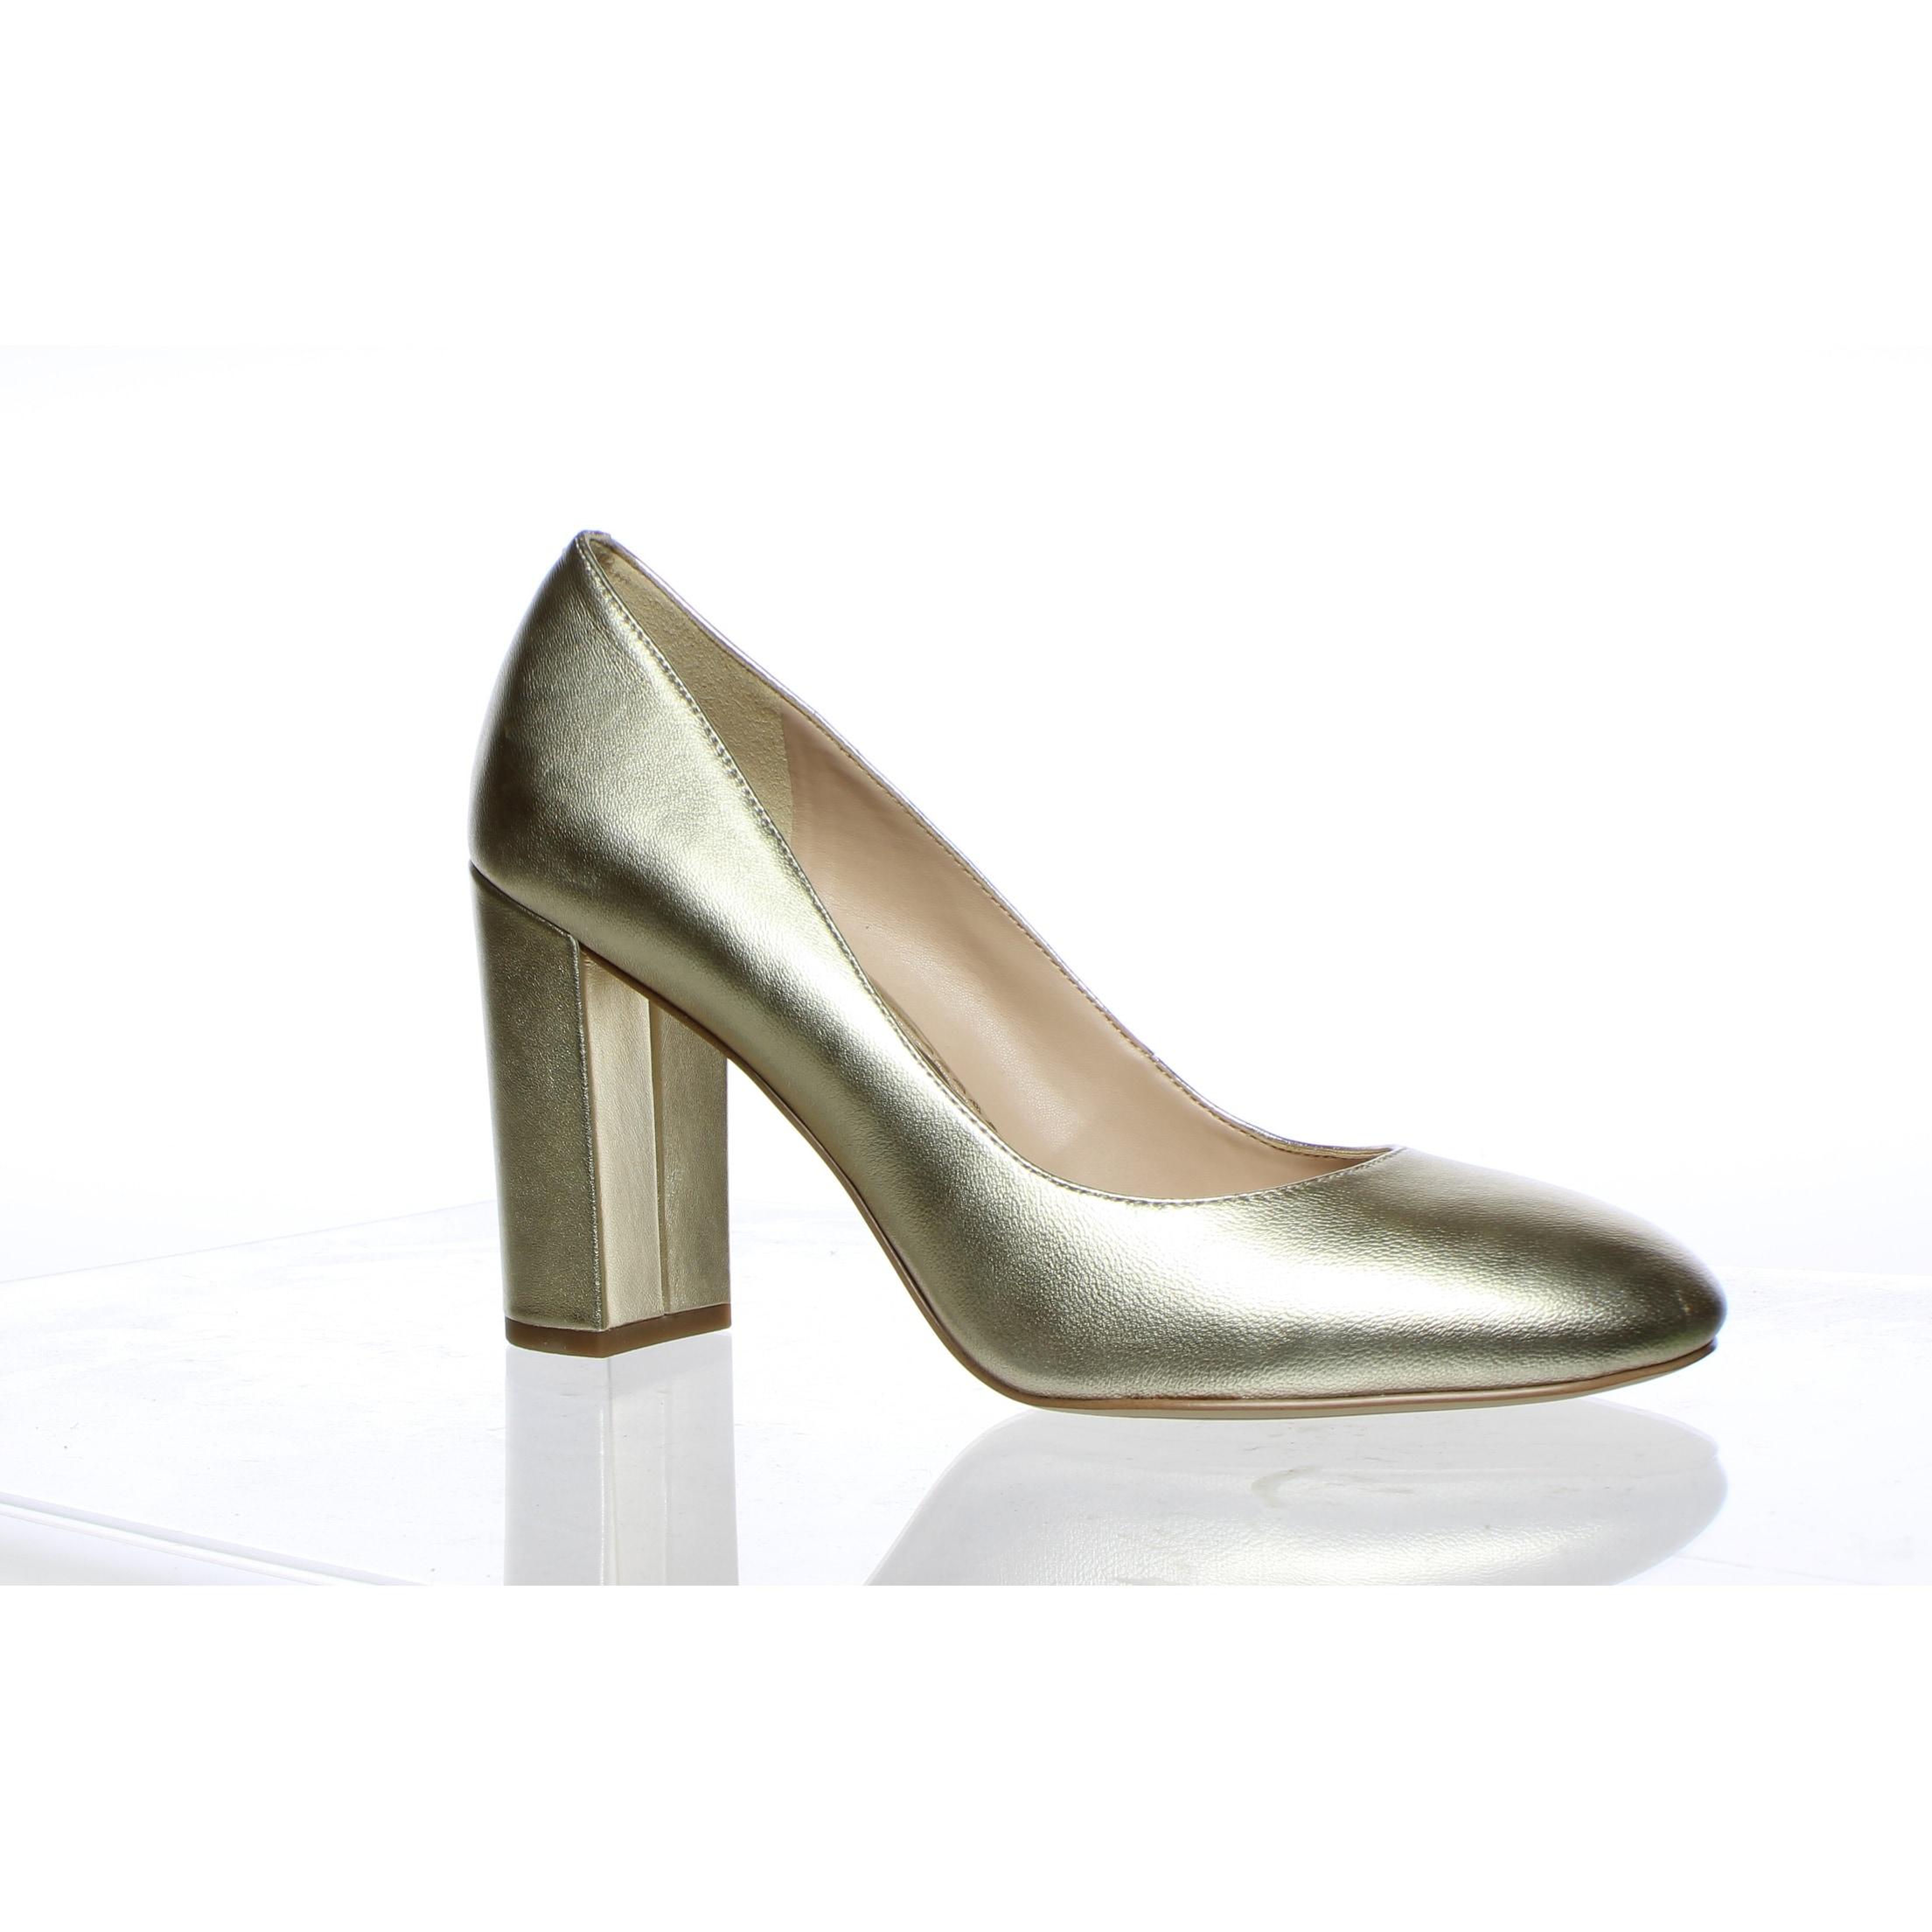 34056ebd038c Buy Sam Edelman Women s Heels Online at Overstock